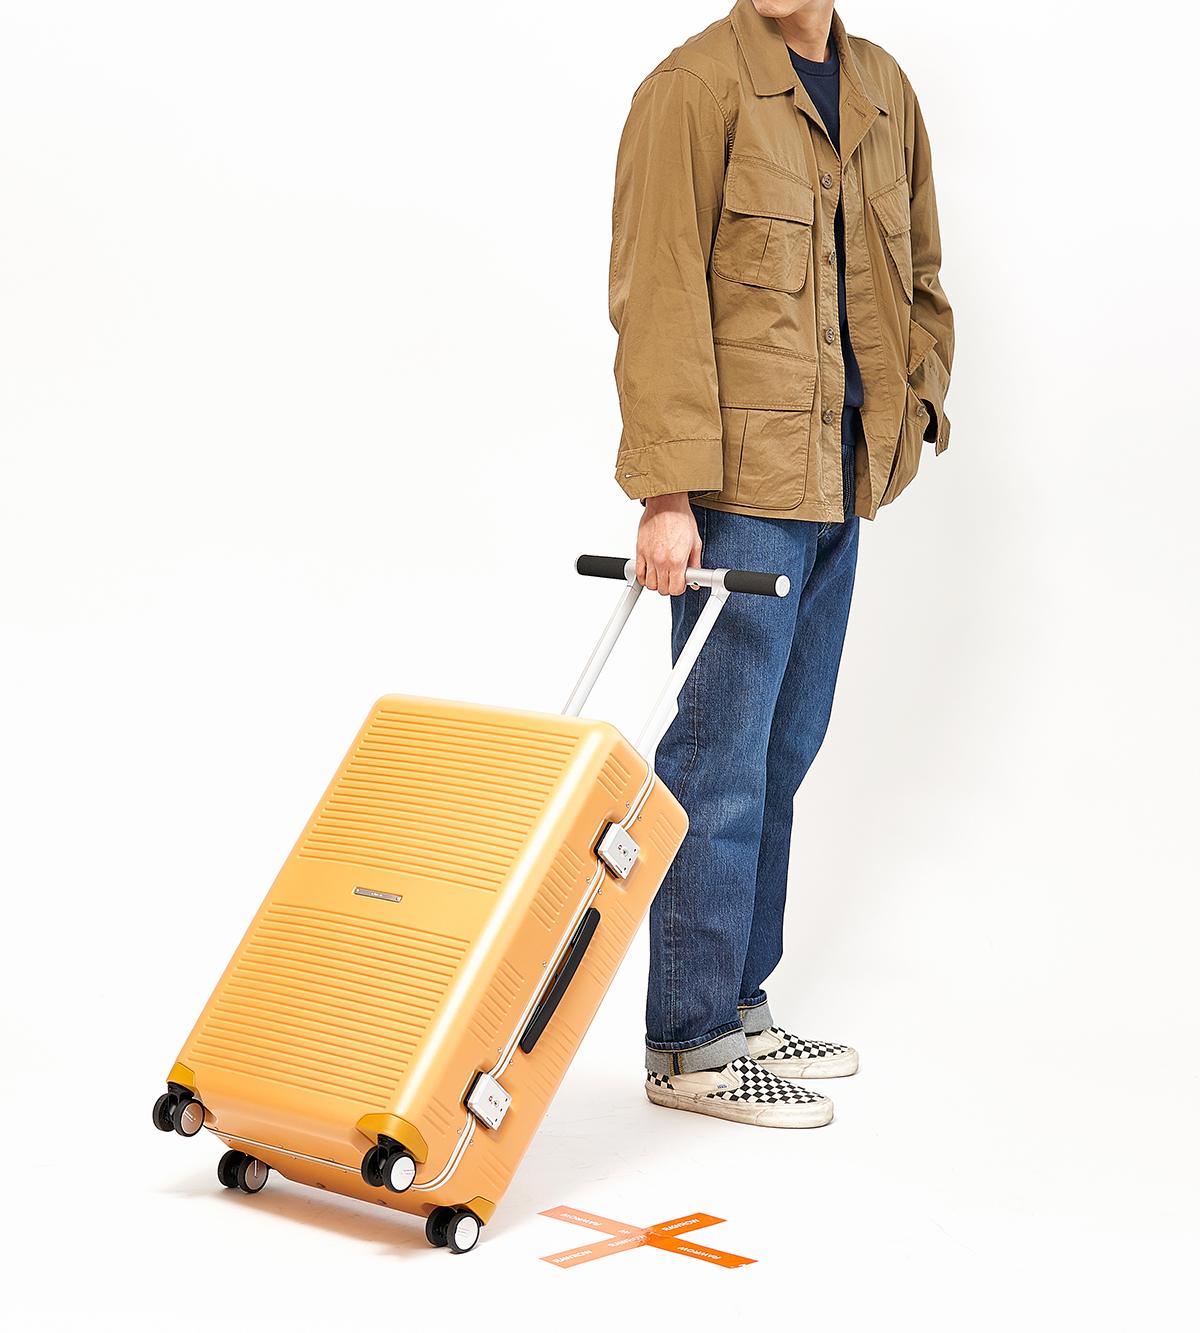 国内旅行、海外旅行、ビジネス、留学、出張、長期滞在に。気の利く設計であなたの旅路に寄り添うスーツケース(63L・4〜5泊〜)|RAWROW